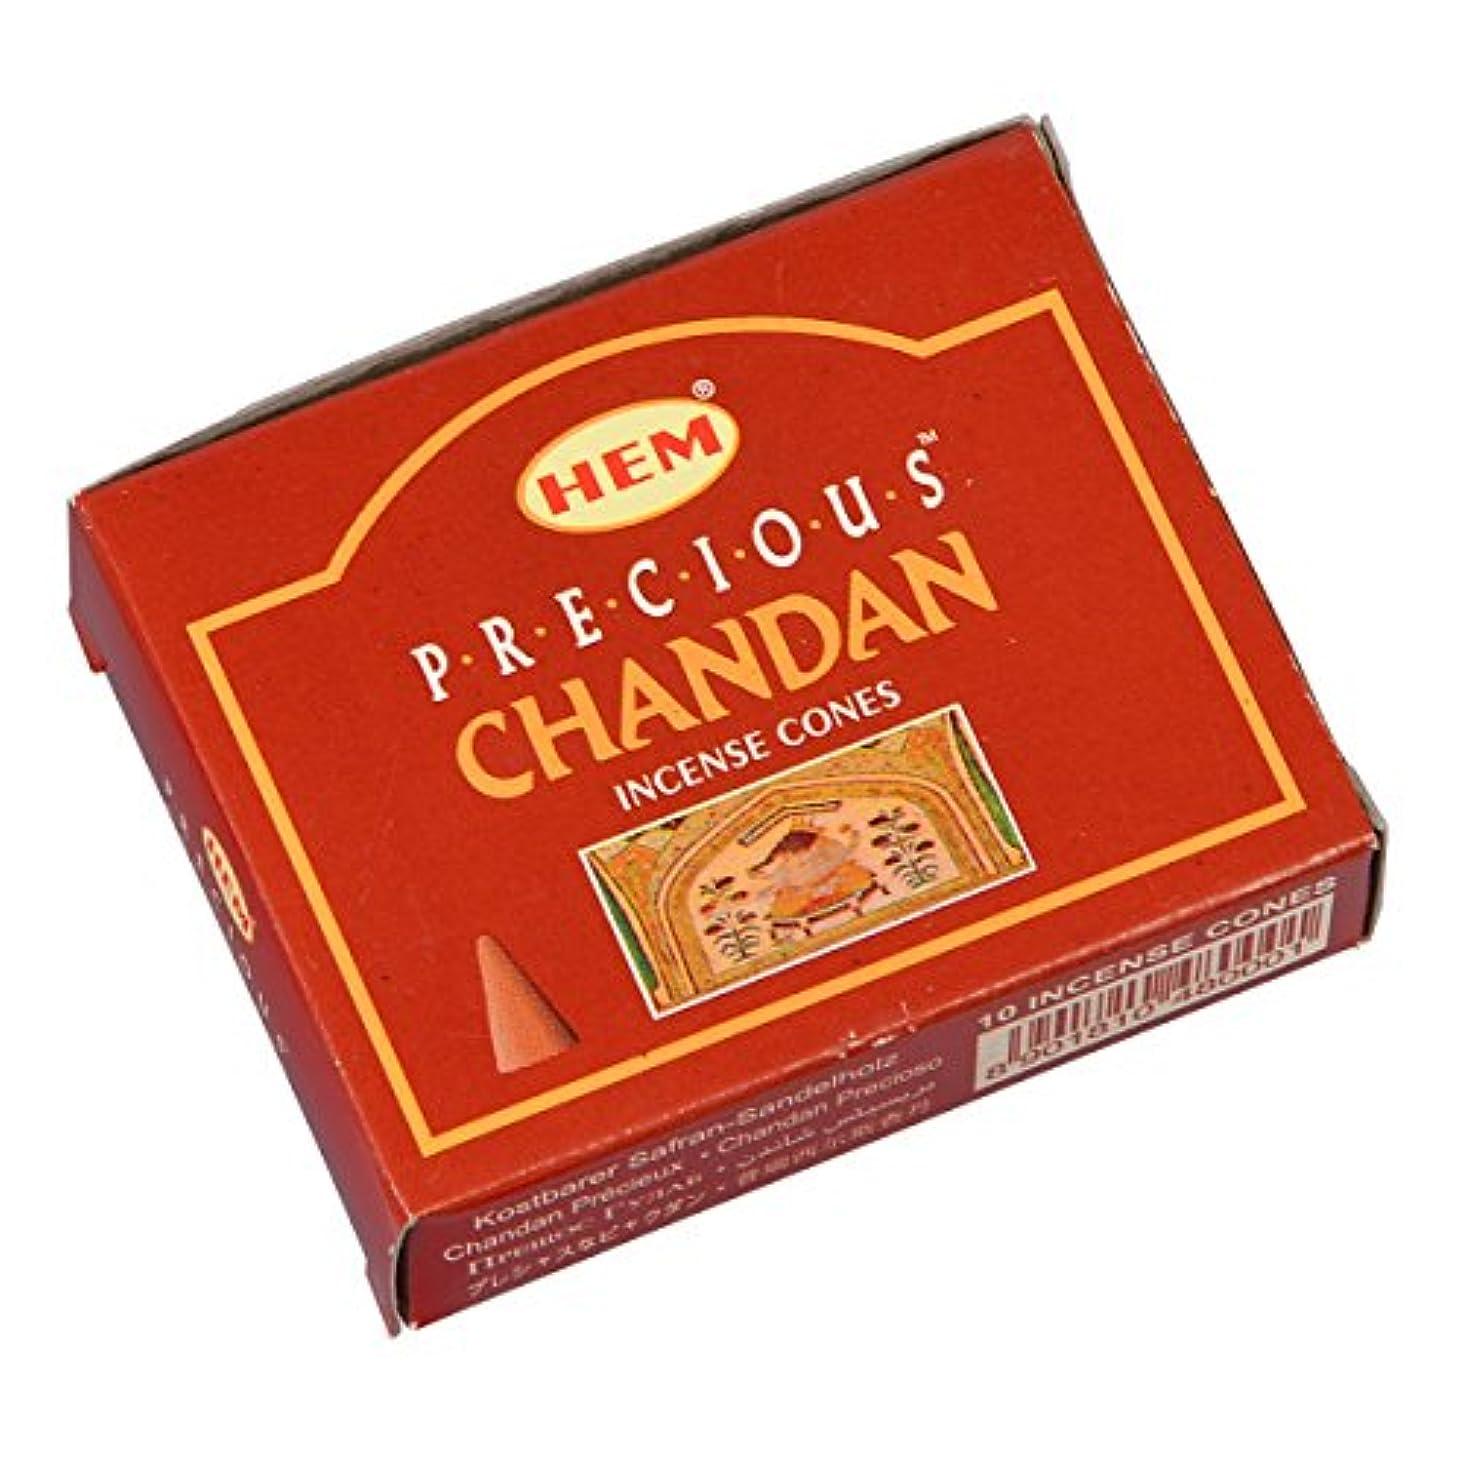 味わうクスコ麺HEM(ヘム) プレシャス チャンダン PRECIOUS CHANDAN コーンタイプ お香 1箱 単品 [並行輸入品]